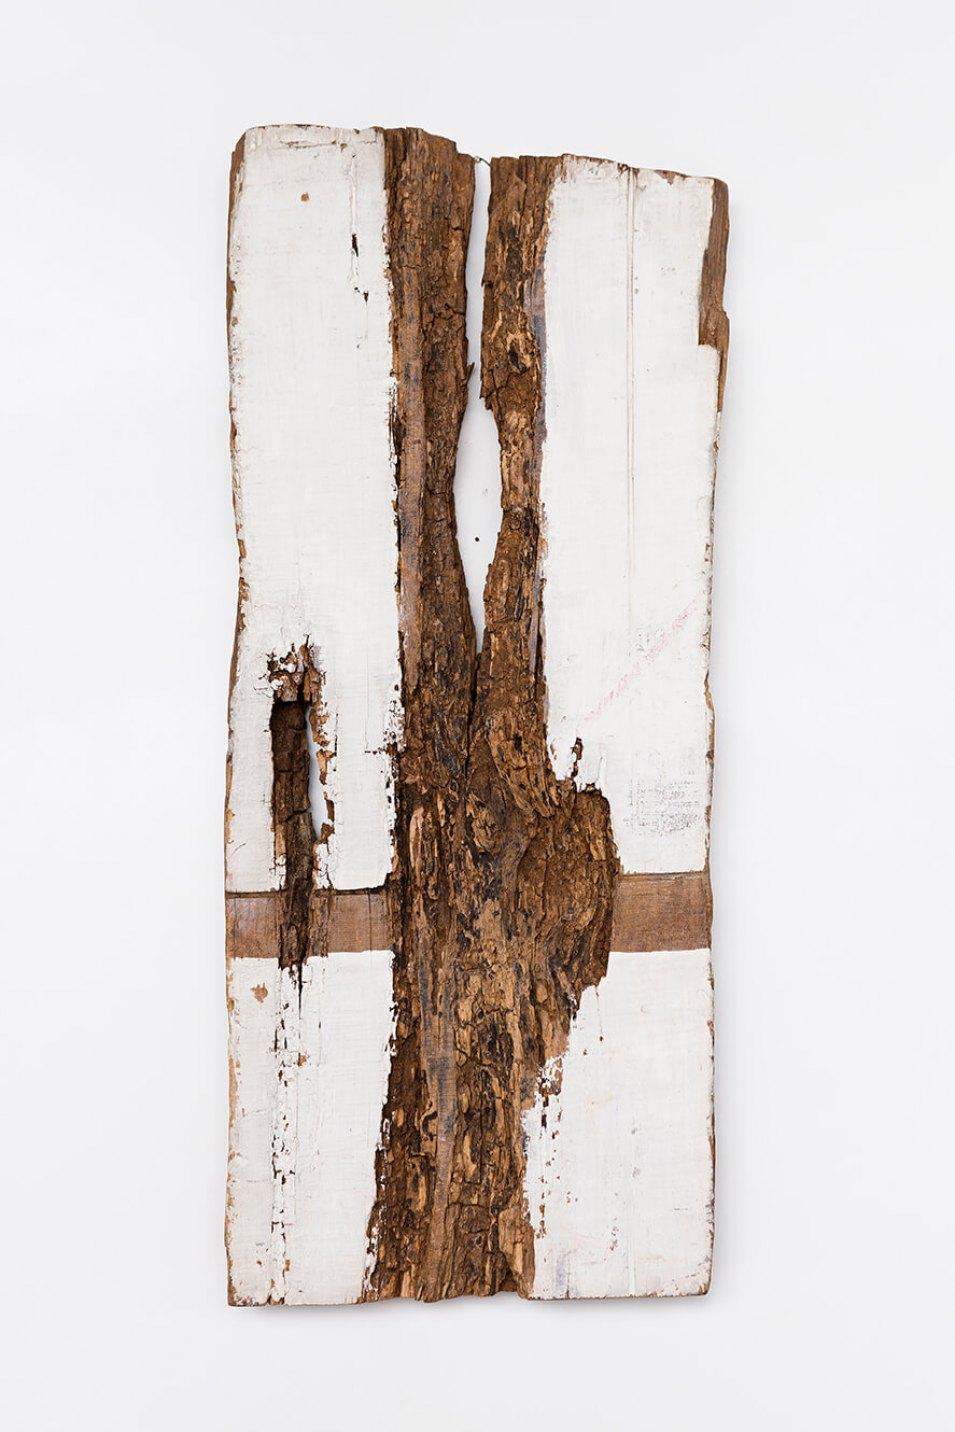 Celso Renato,<em>untitled</em>, n/a,acrylic on wood, 75,5 × 31 ×7 cm - Mendes Wood DM